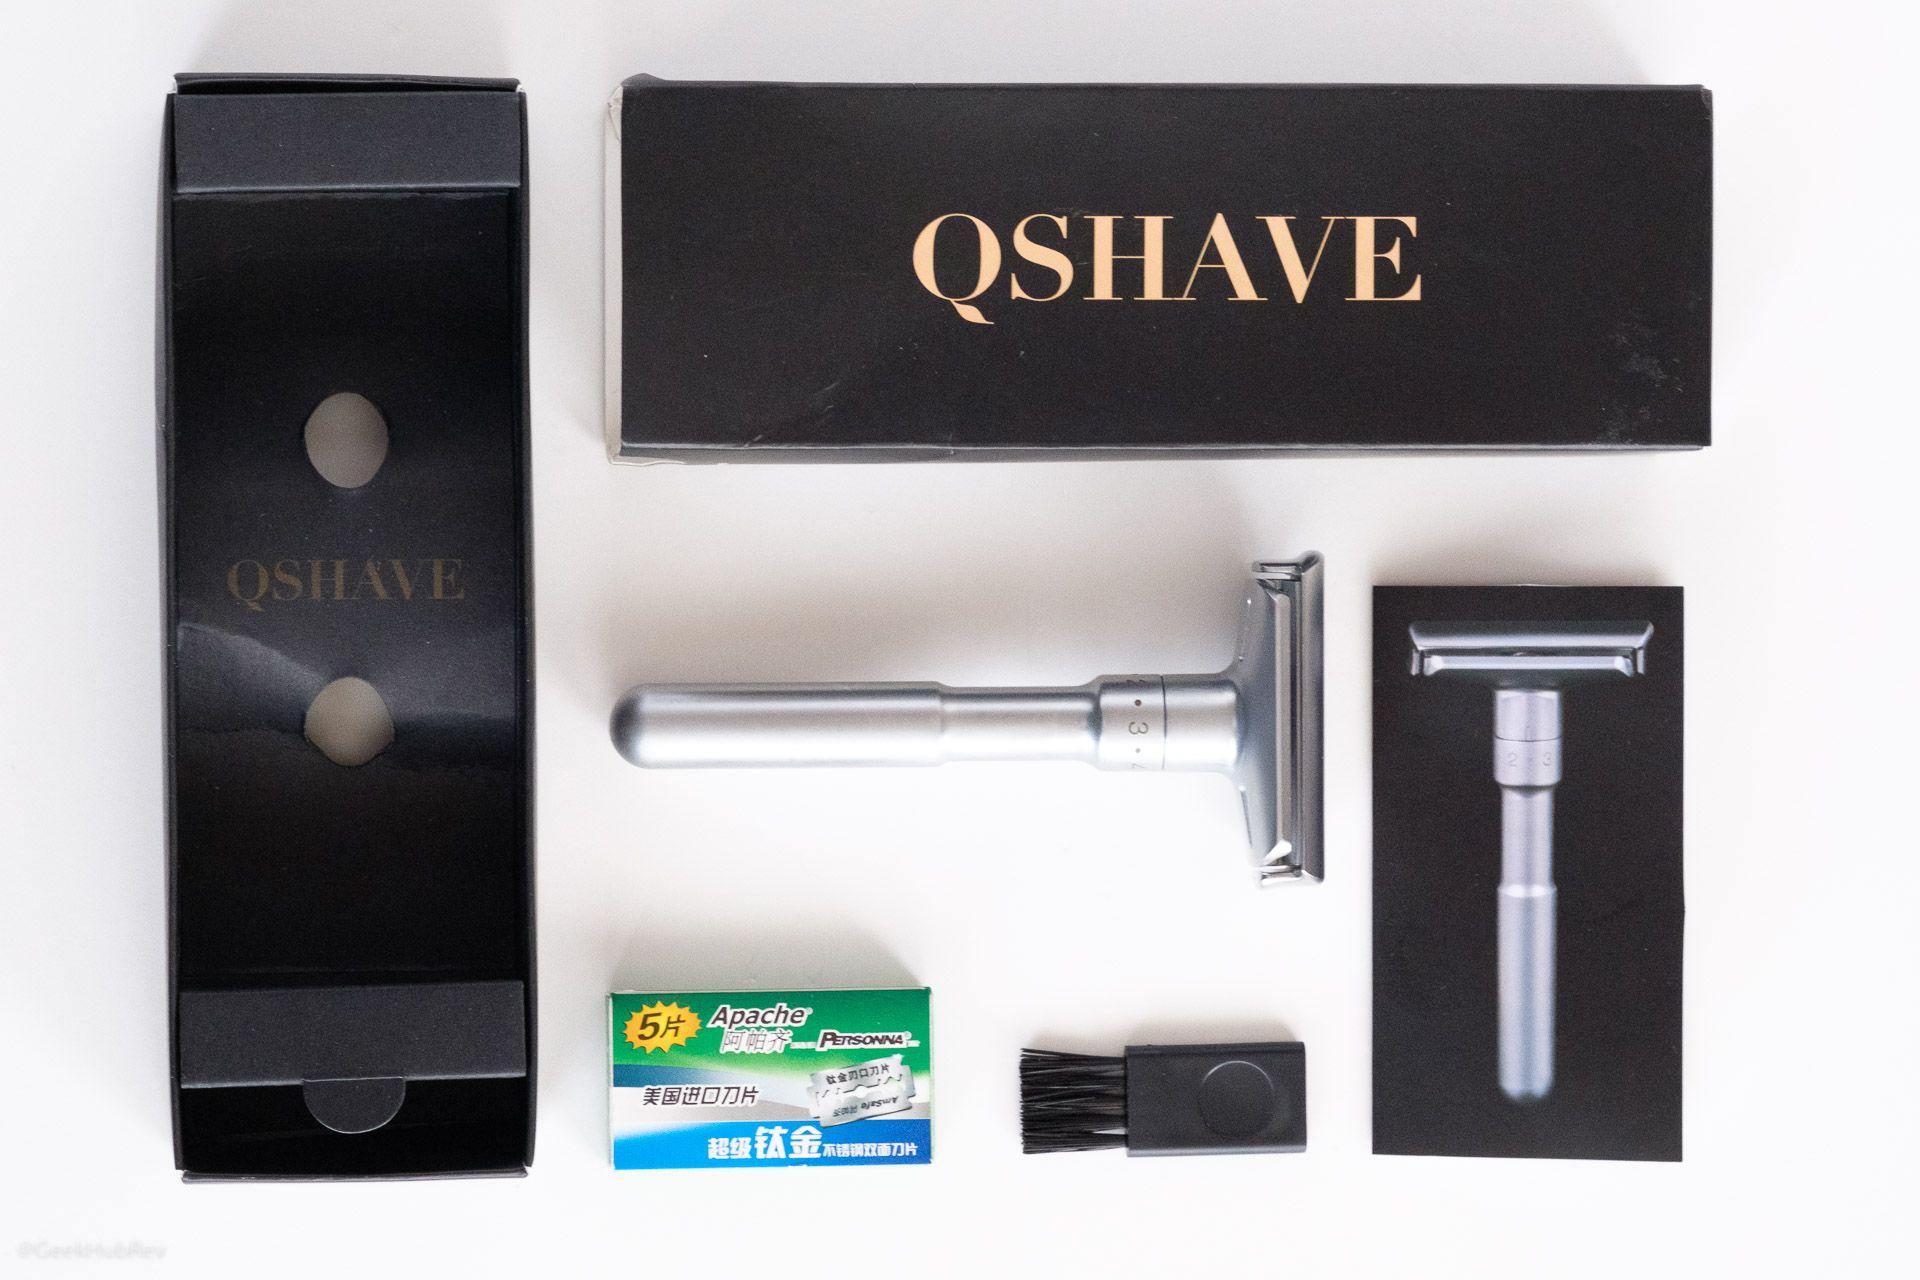 Zawartość opakowania maszynki do golenia QShave safety razor